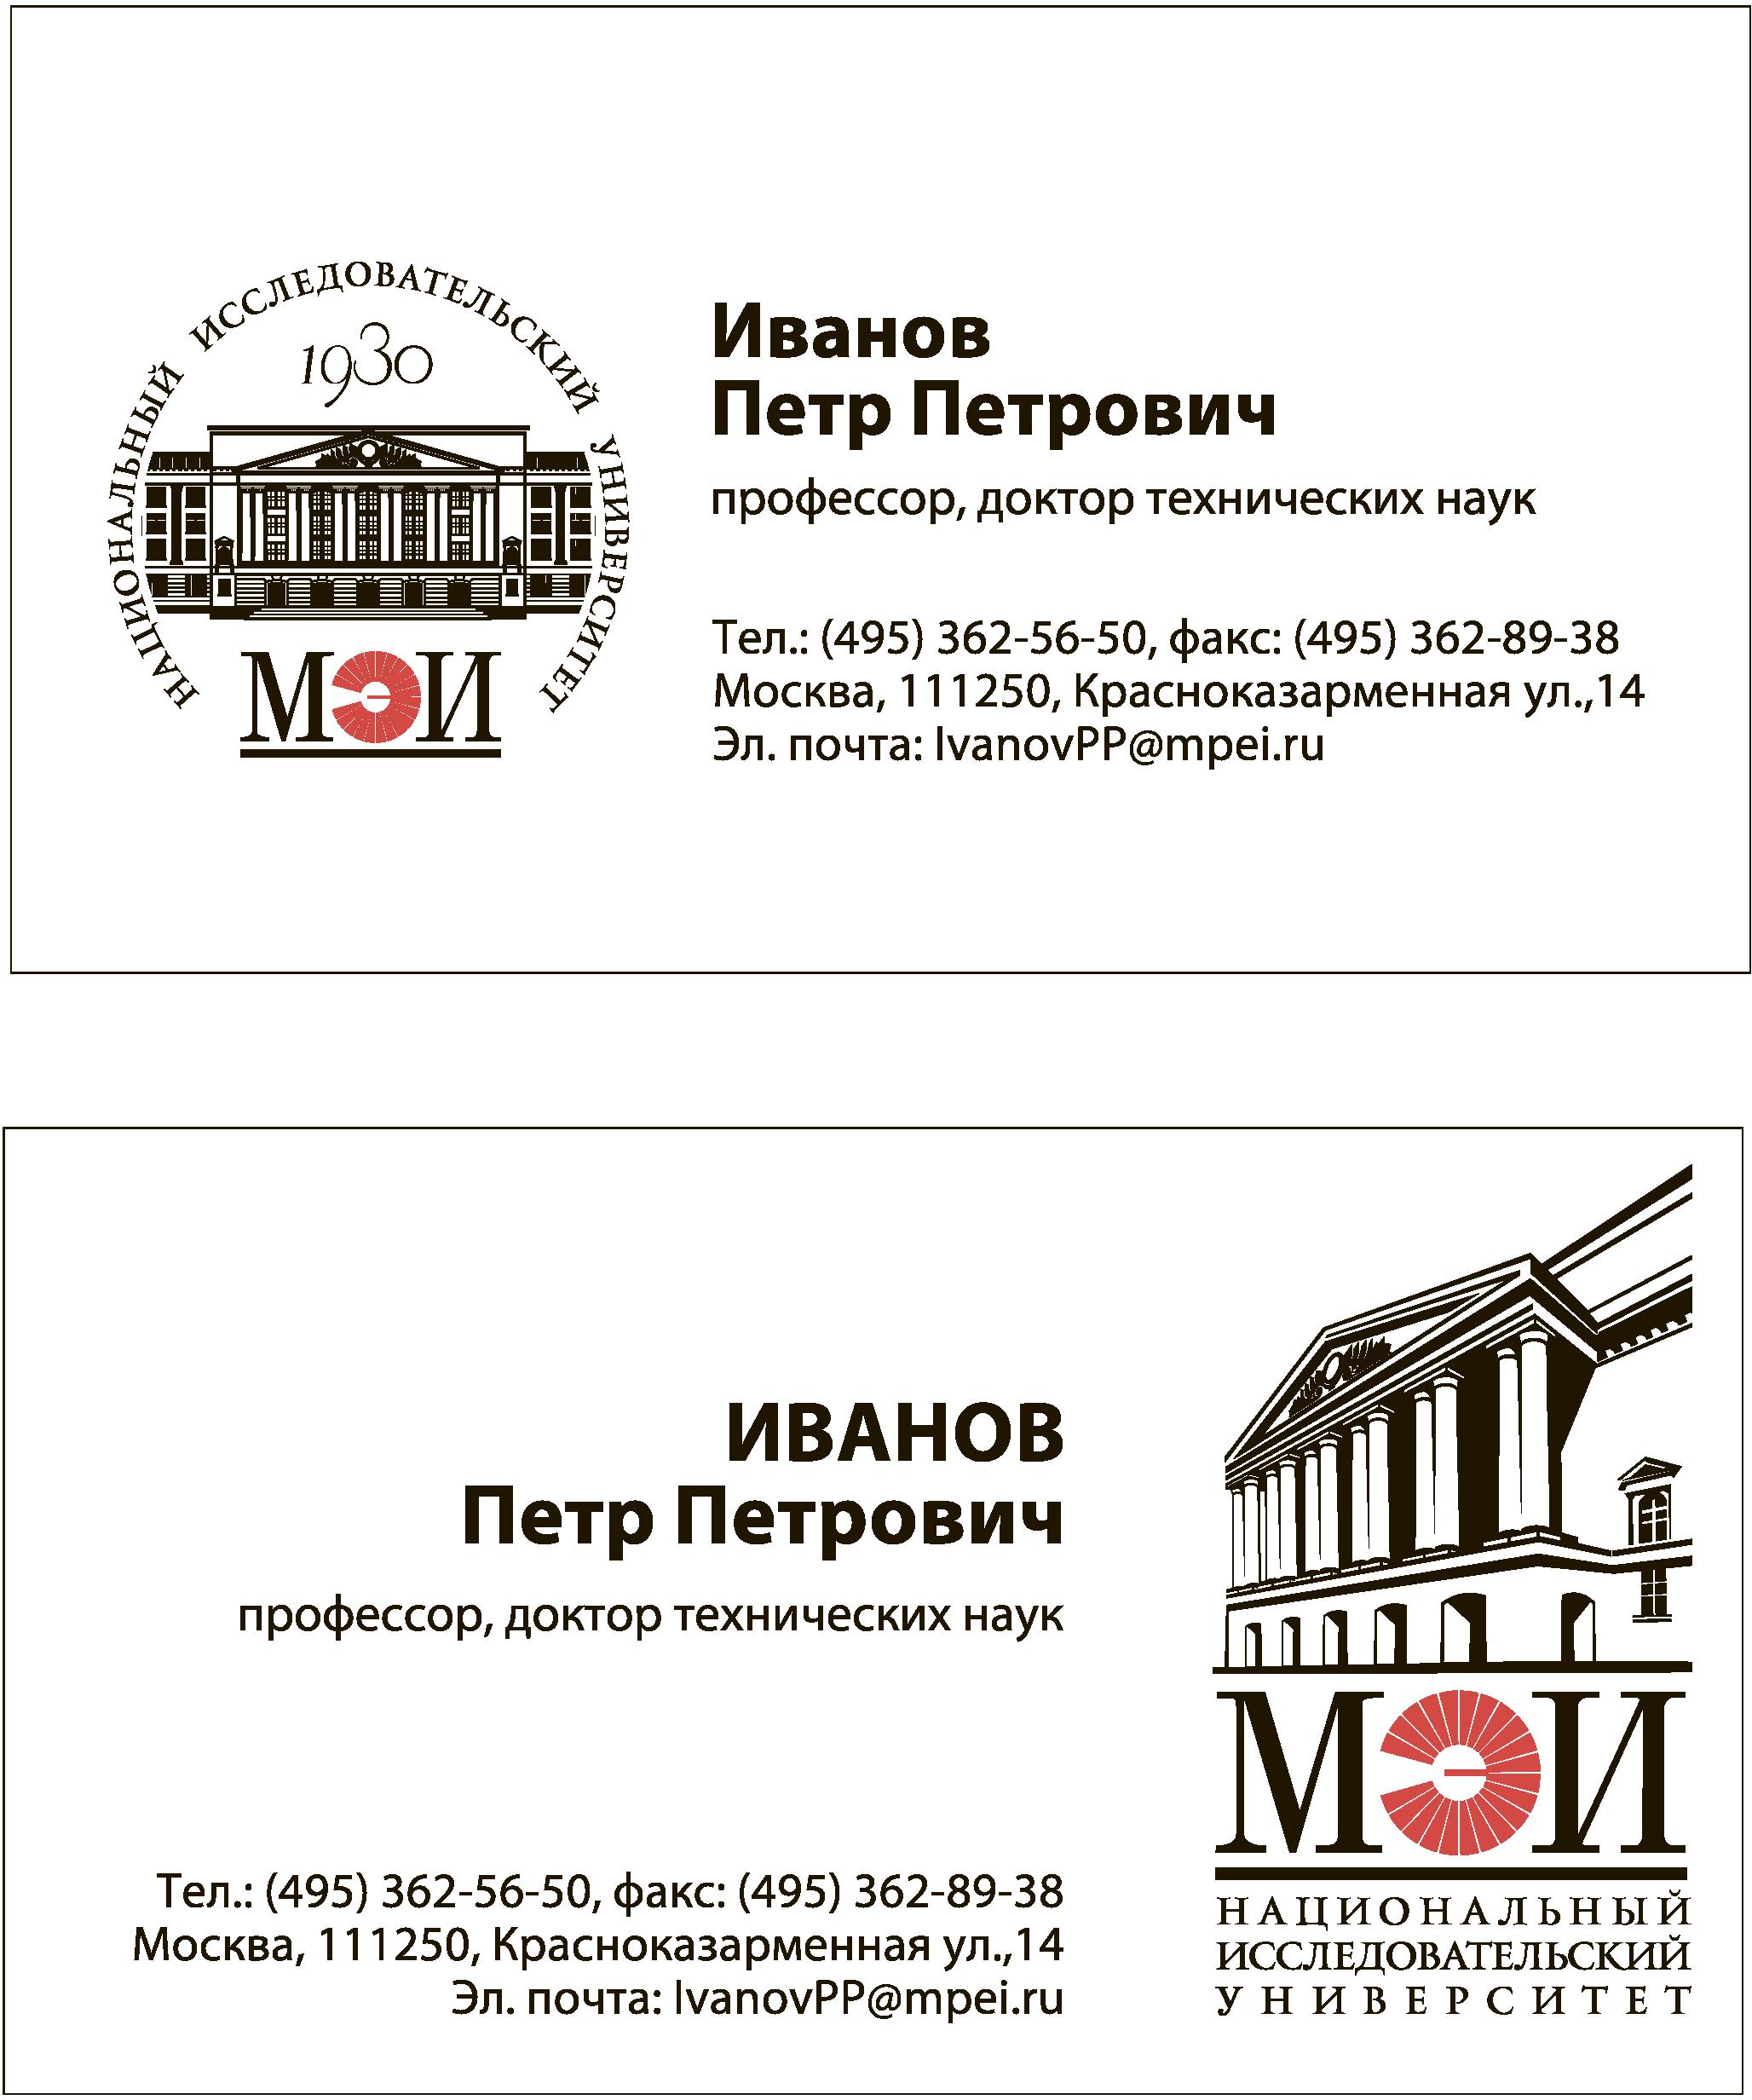 образец визитки на английском языке